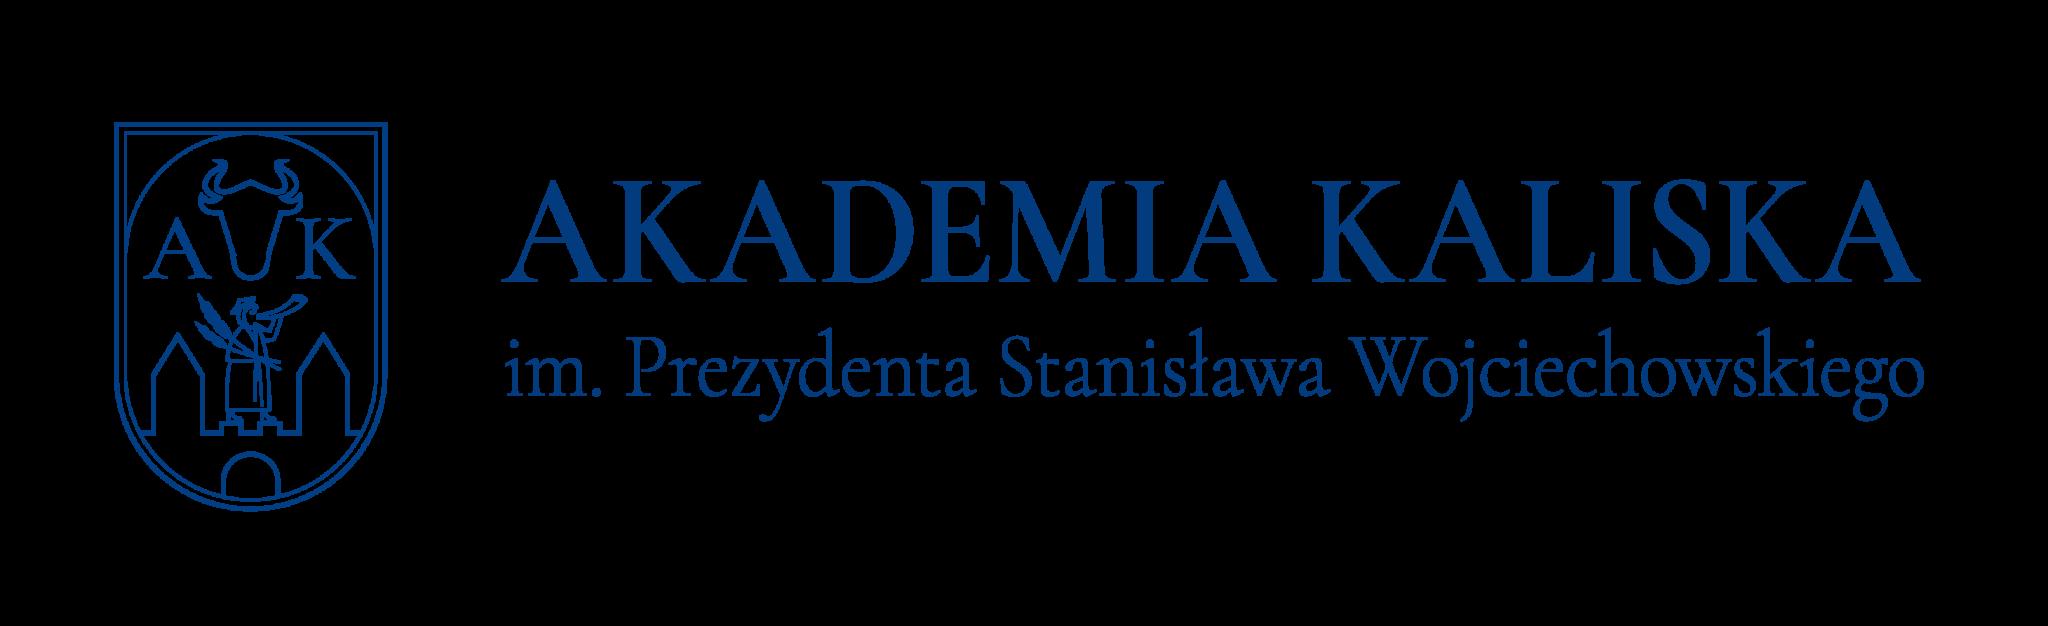 Wydawnictwo Naukowe Akademii Kaliskiej  im. Prezydenta Stanisława Wojciechowskiego